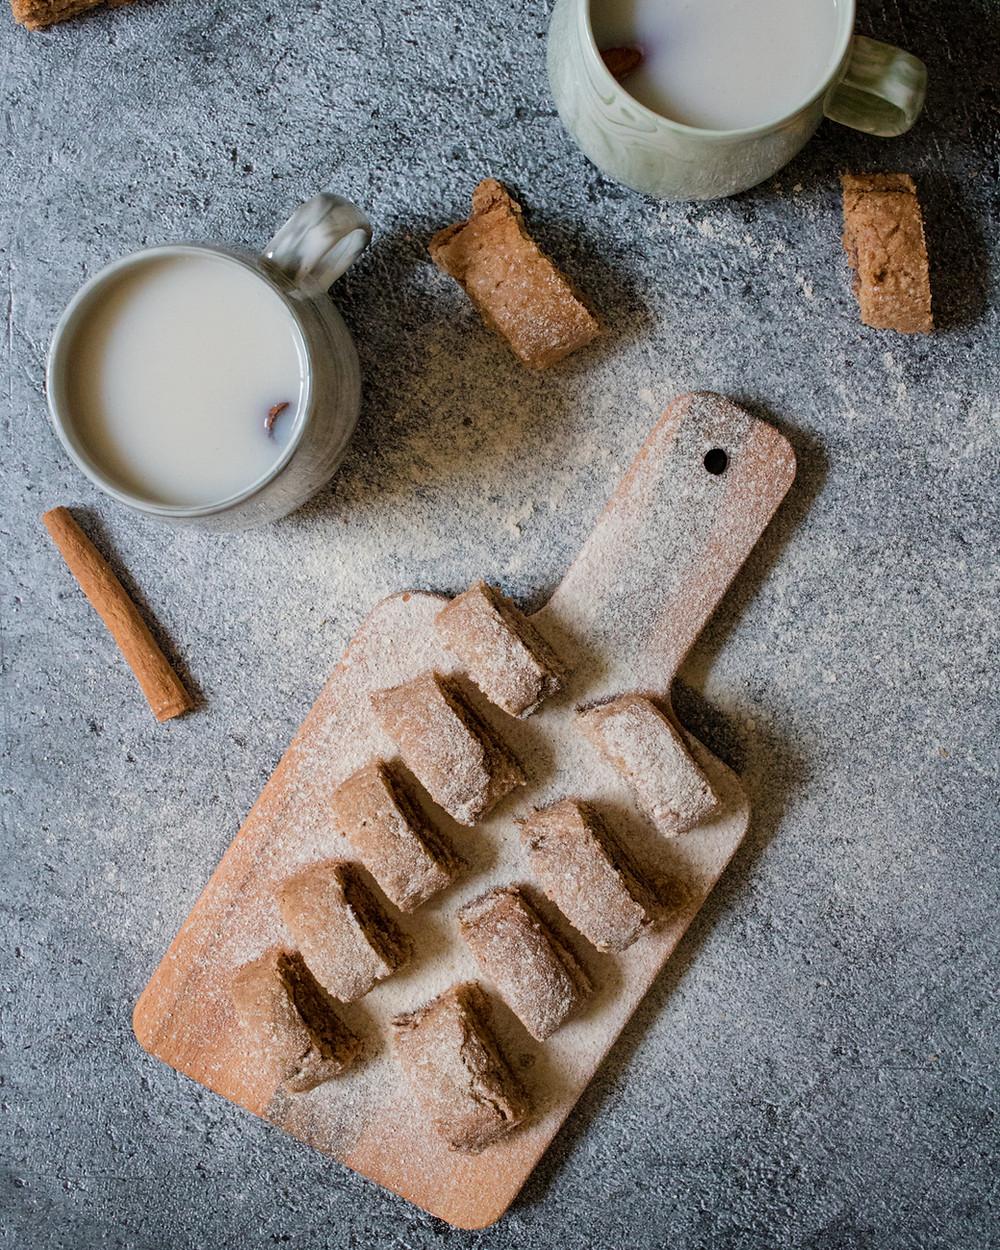 עוגיות רולדה טבעוניות מקמח כוסמין מלא במילוי נוגט טבעוני וממרח אגוזי לוז